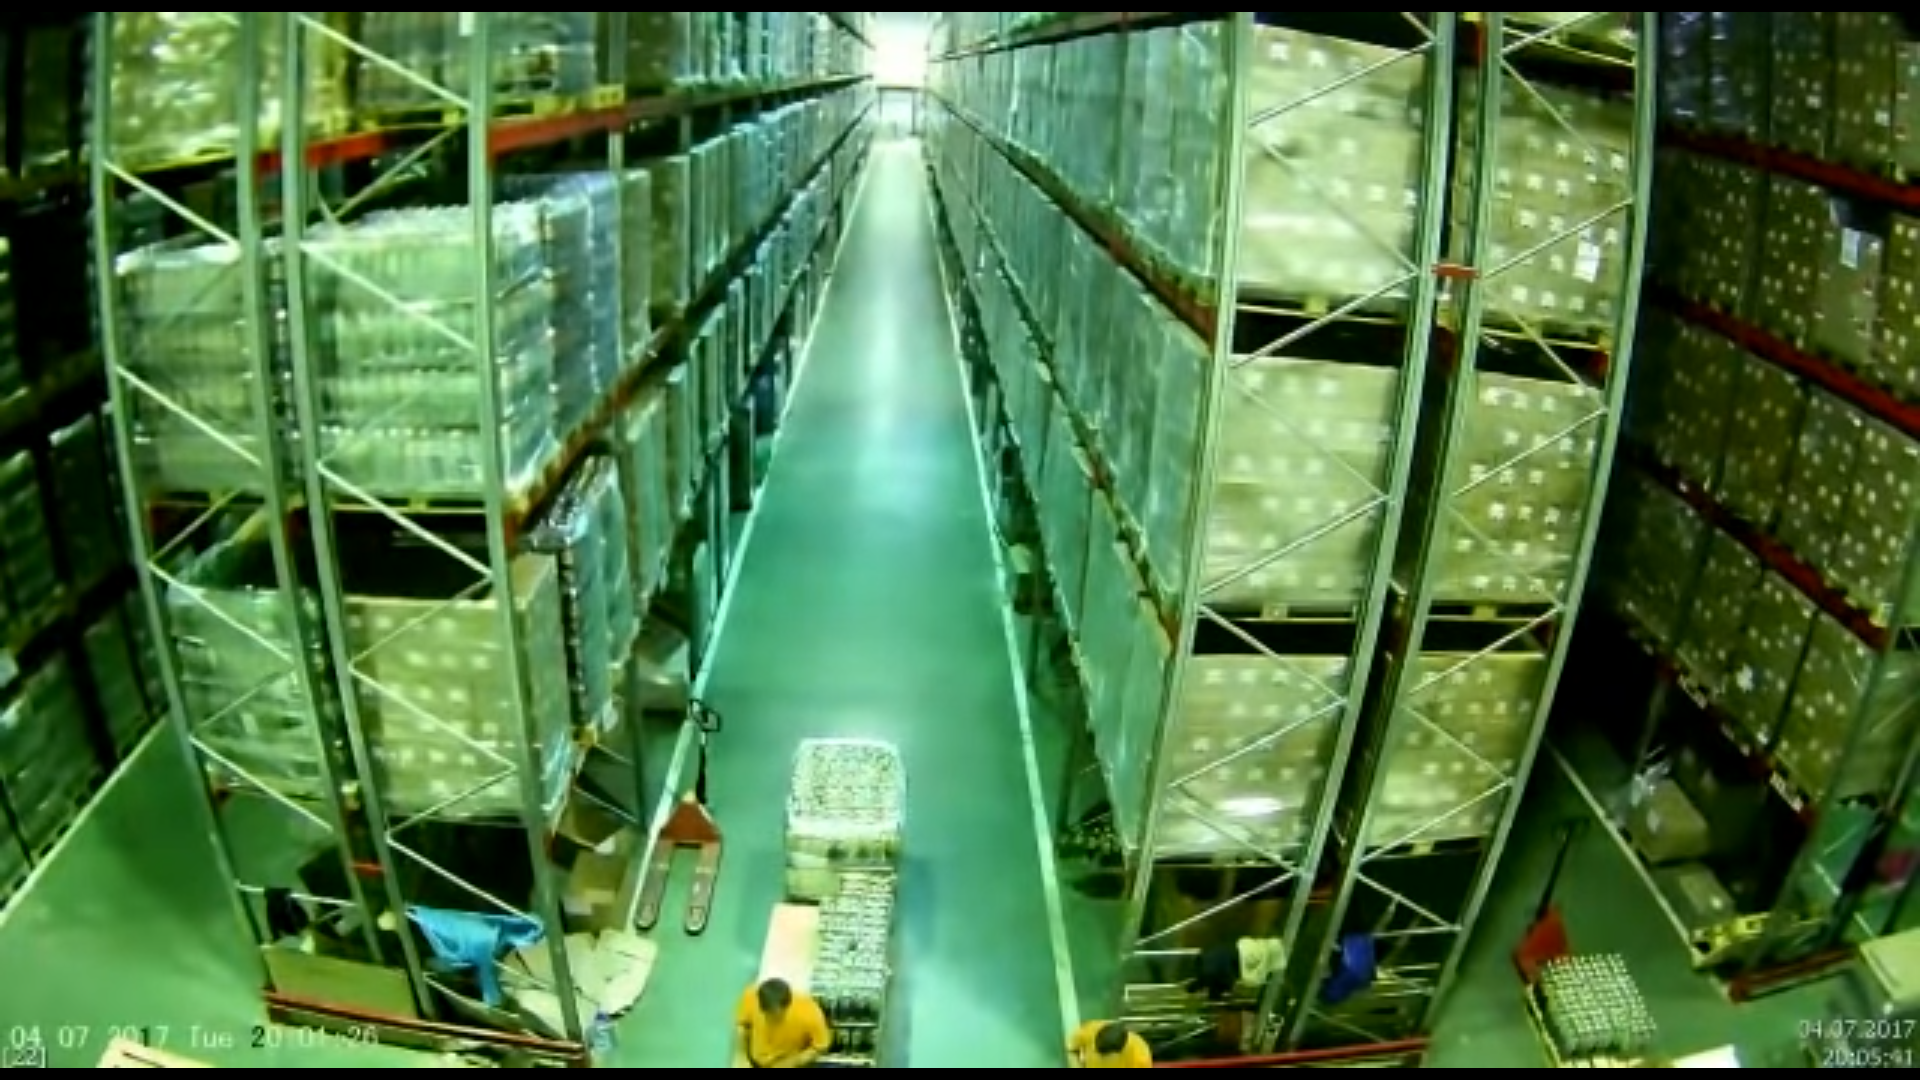 Погрузчик случайно задел стеллаж на огромном складе и разрушил все вокруг – видео - Sputnik Грузия, 1920, 10.09.2021